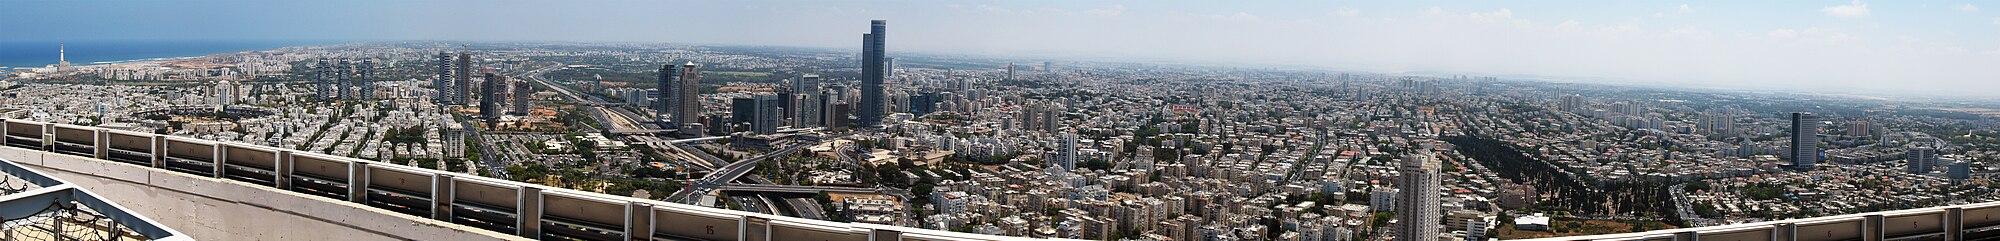 Panoramo de parto de metropla regiono Guŝ Dan, inkluzive de urboj TelAvivo, Ramat Gan kaj Giv'atajim